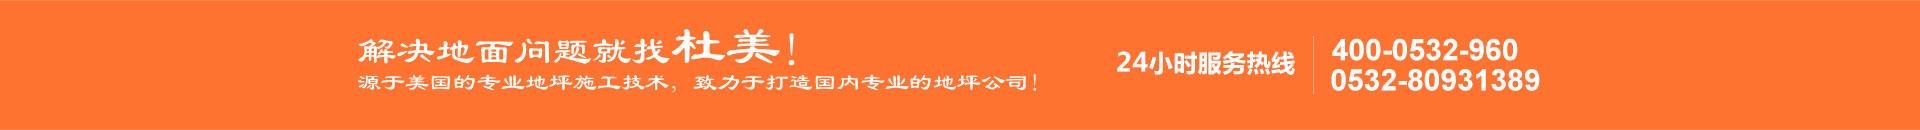 shou页_guang告1_1920_130